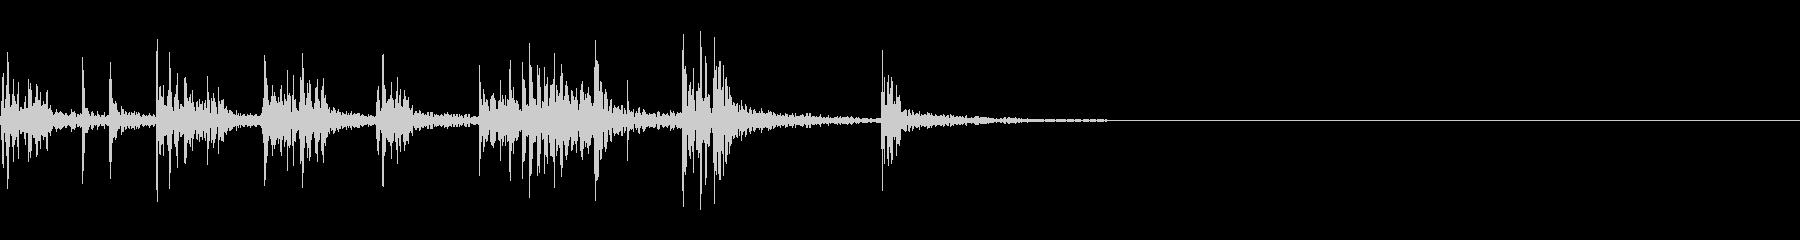 スパーク音-43の未再生の波形